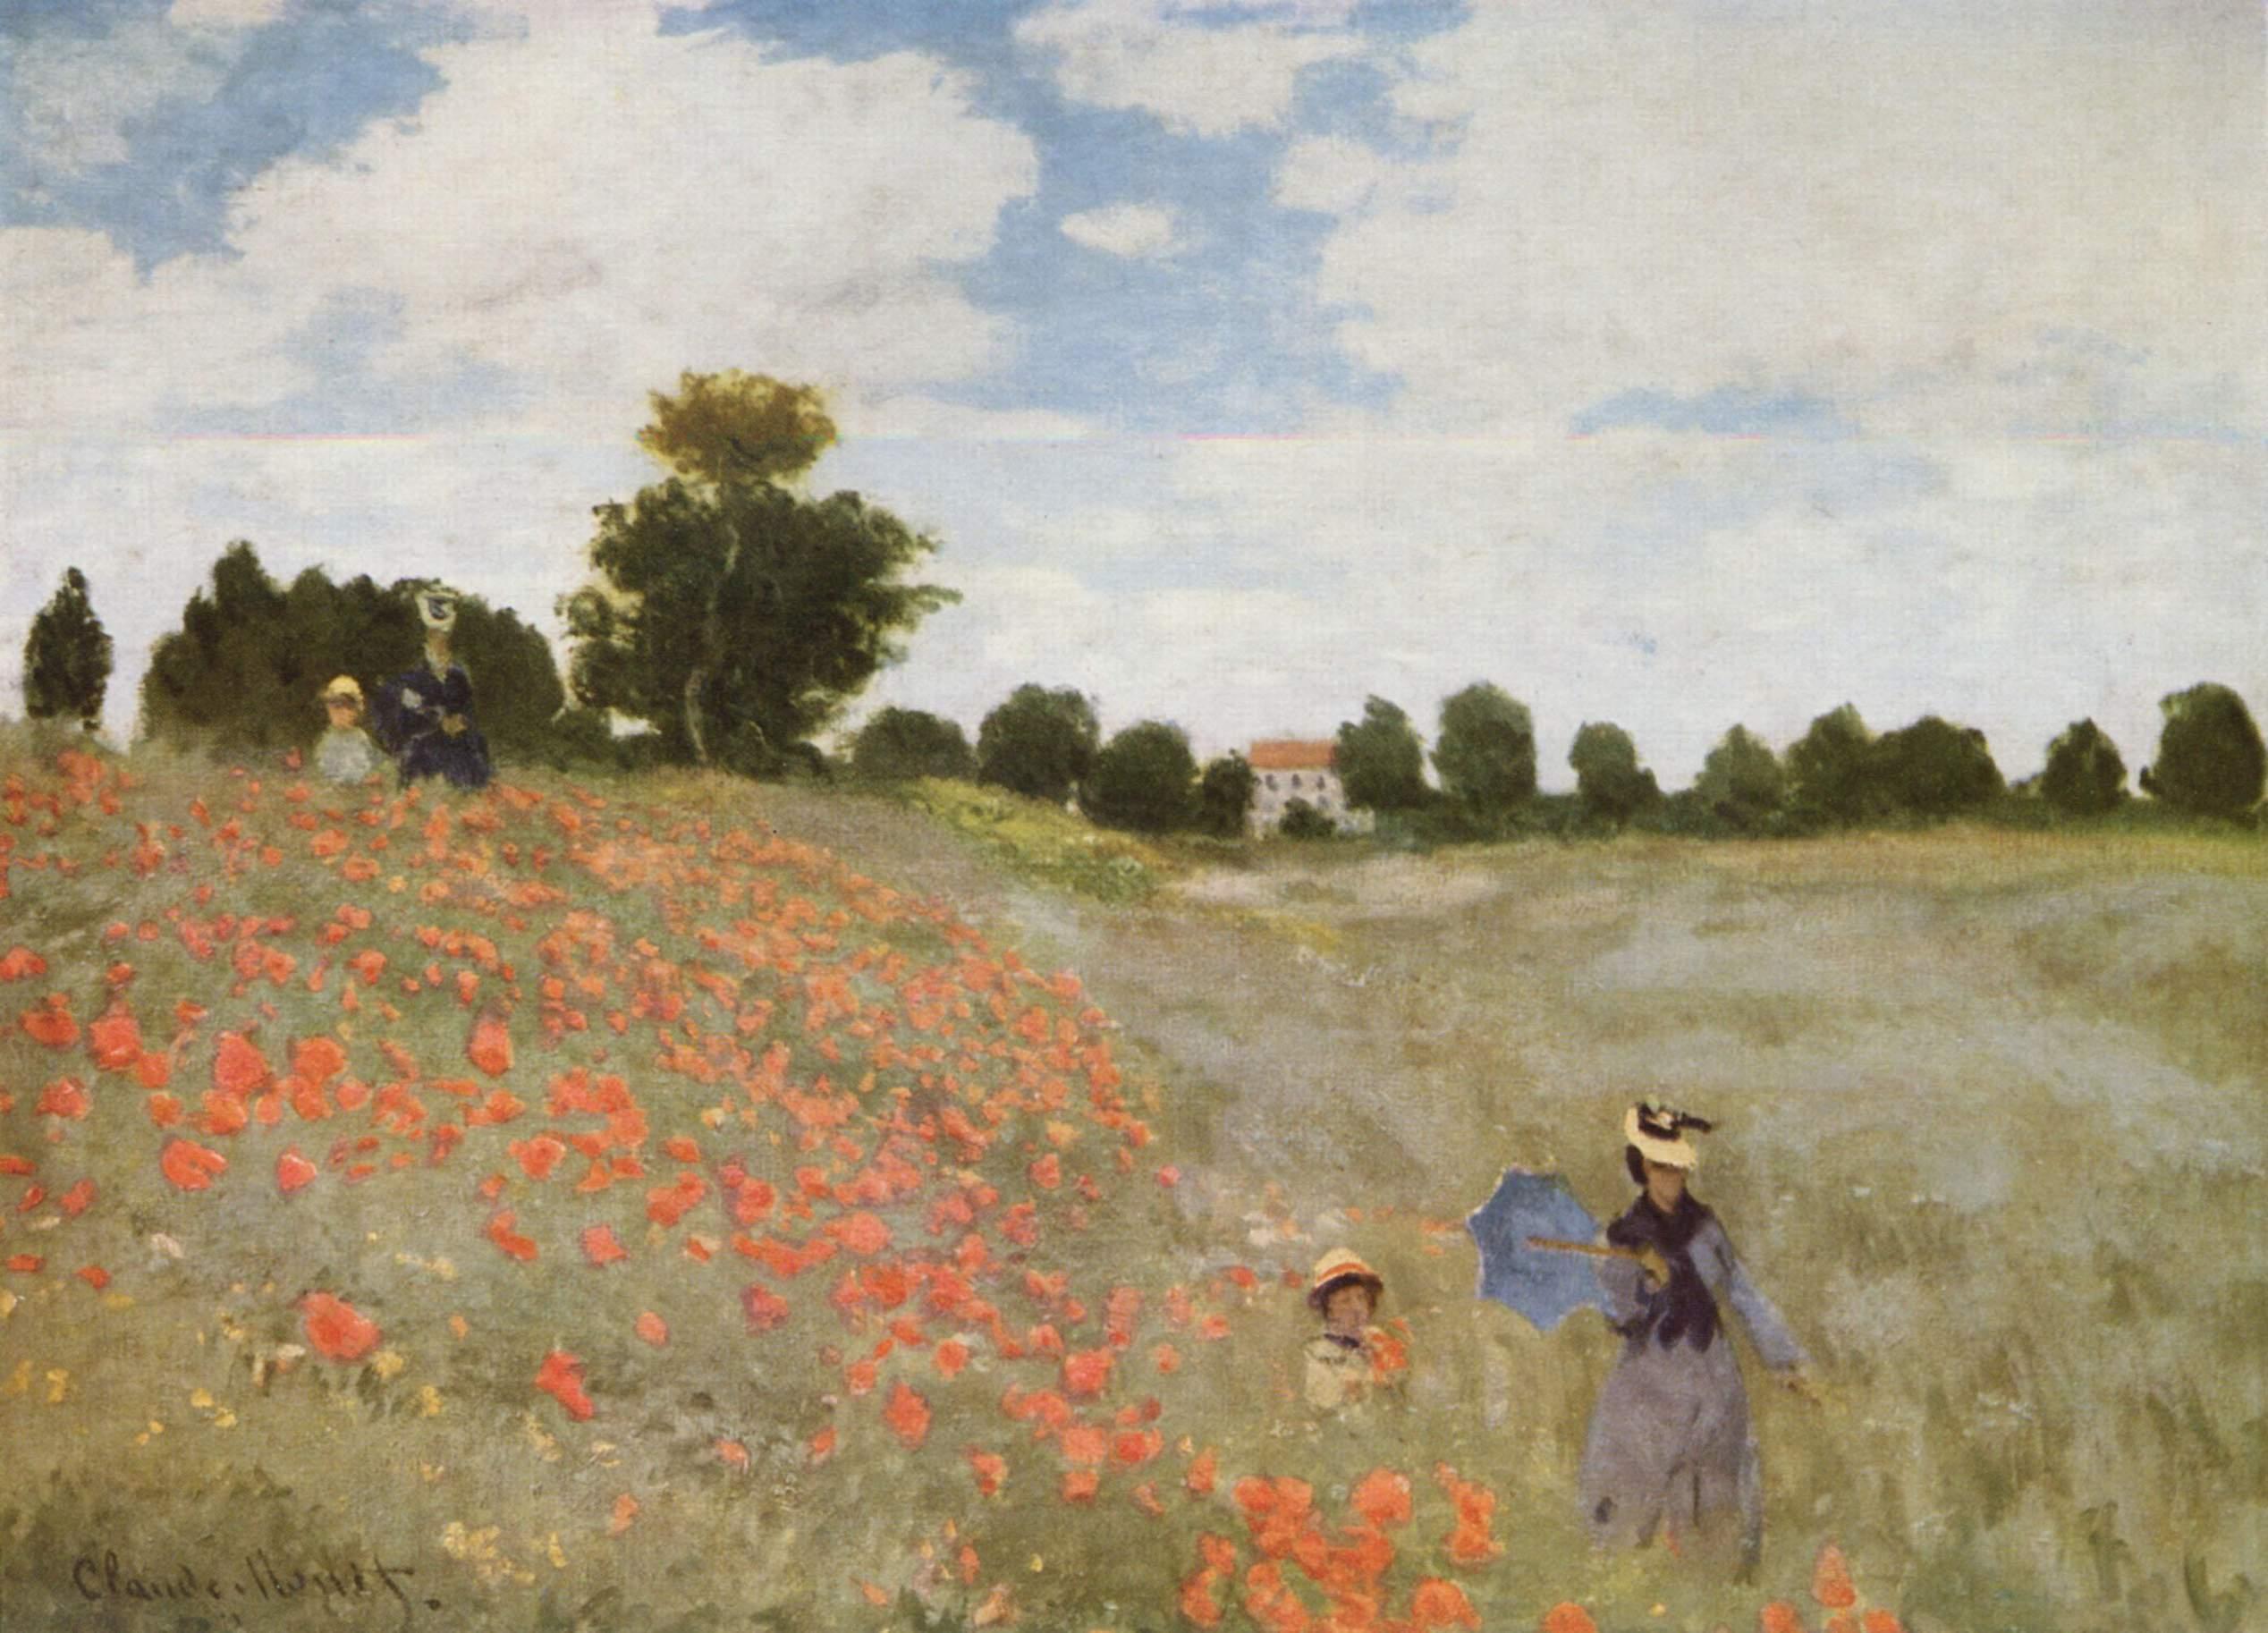 30. I papaveri (Les Coquelicots) - Claude Monet (1873), Musée d'Orsay, Parigi